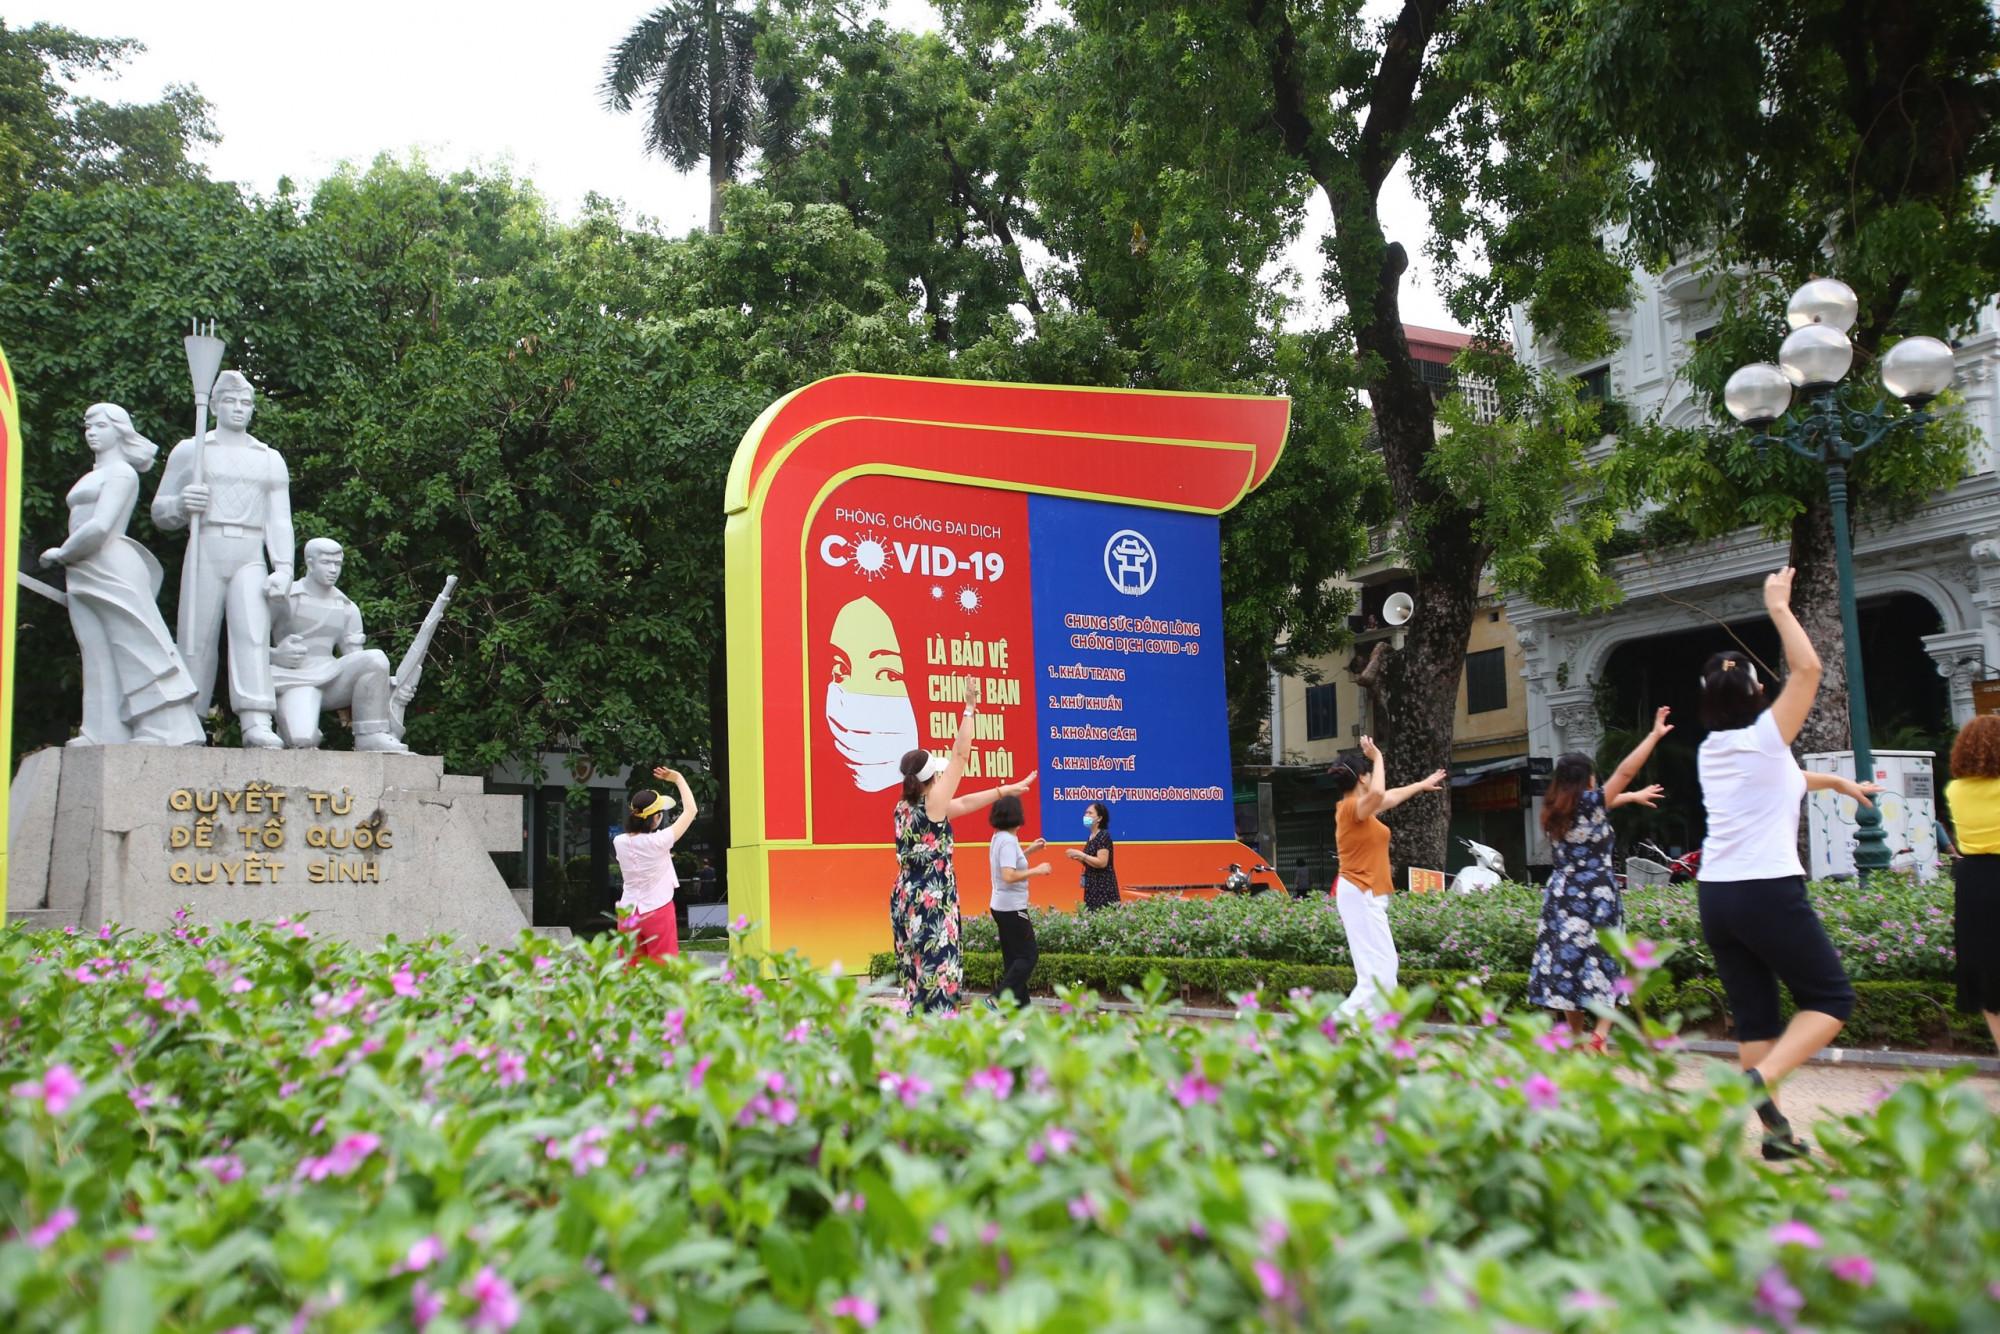 Mặc dù vẫn trong giai đoạn phòng chống dịch COVID-19, nhưng nhận thấy tình hình dịch bệnh tạm thời được khống chế nên UBND TP Hà Nội đã cho sân golf và một số hoạt động ngoài trời được mở lại.